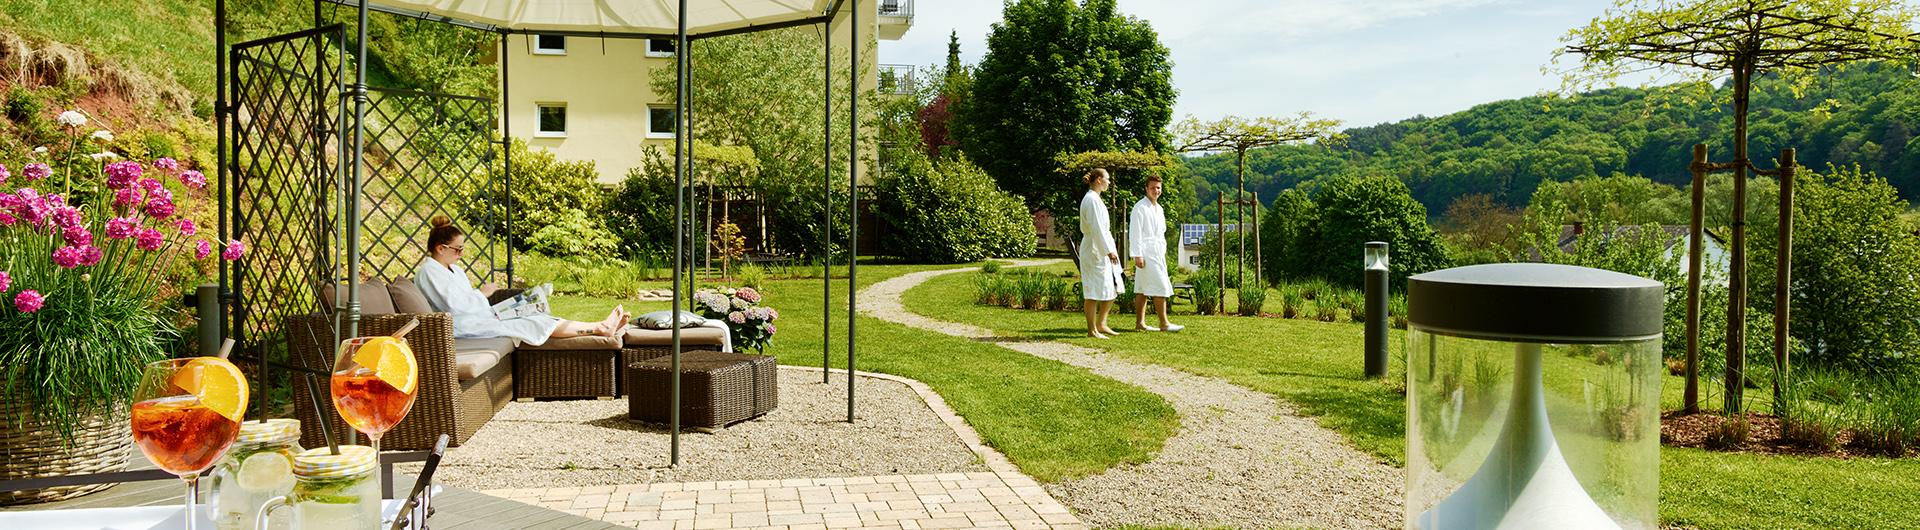 Header-Garten_Sonnenwiese_Wellness